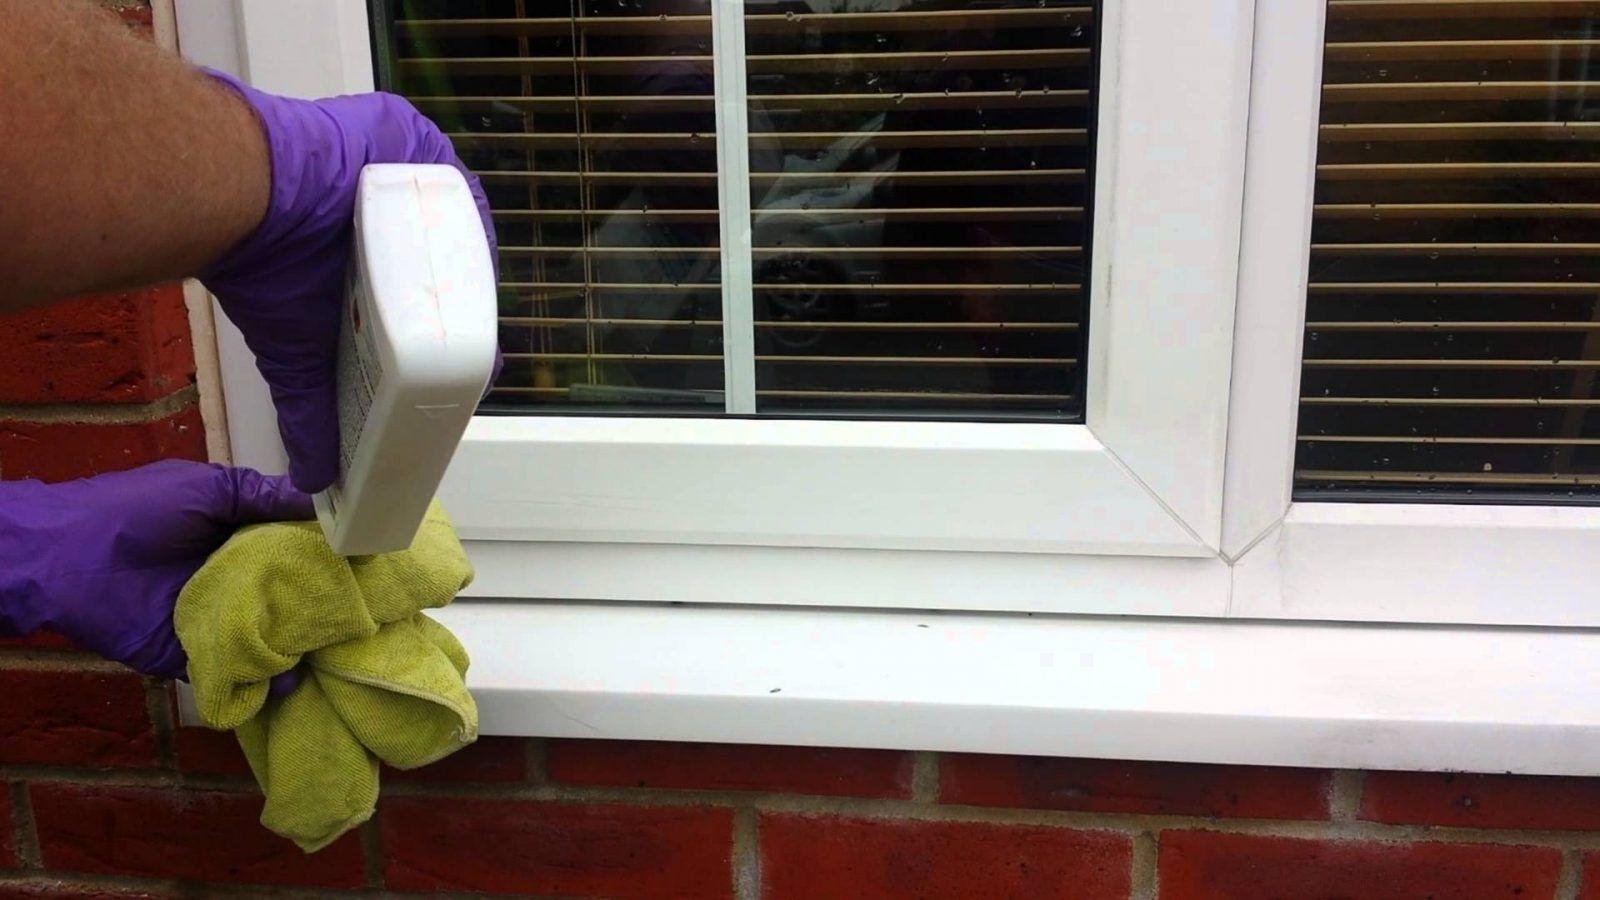 Quel Produit Pour Nettoyer Le Pvc le produit miracle pour nettoyer vos fenêtres en pvc